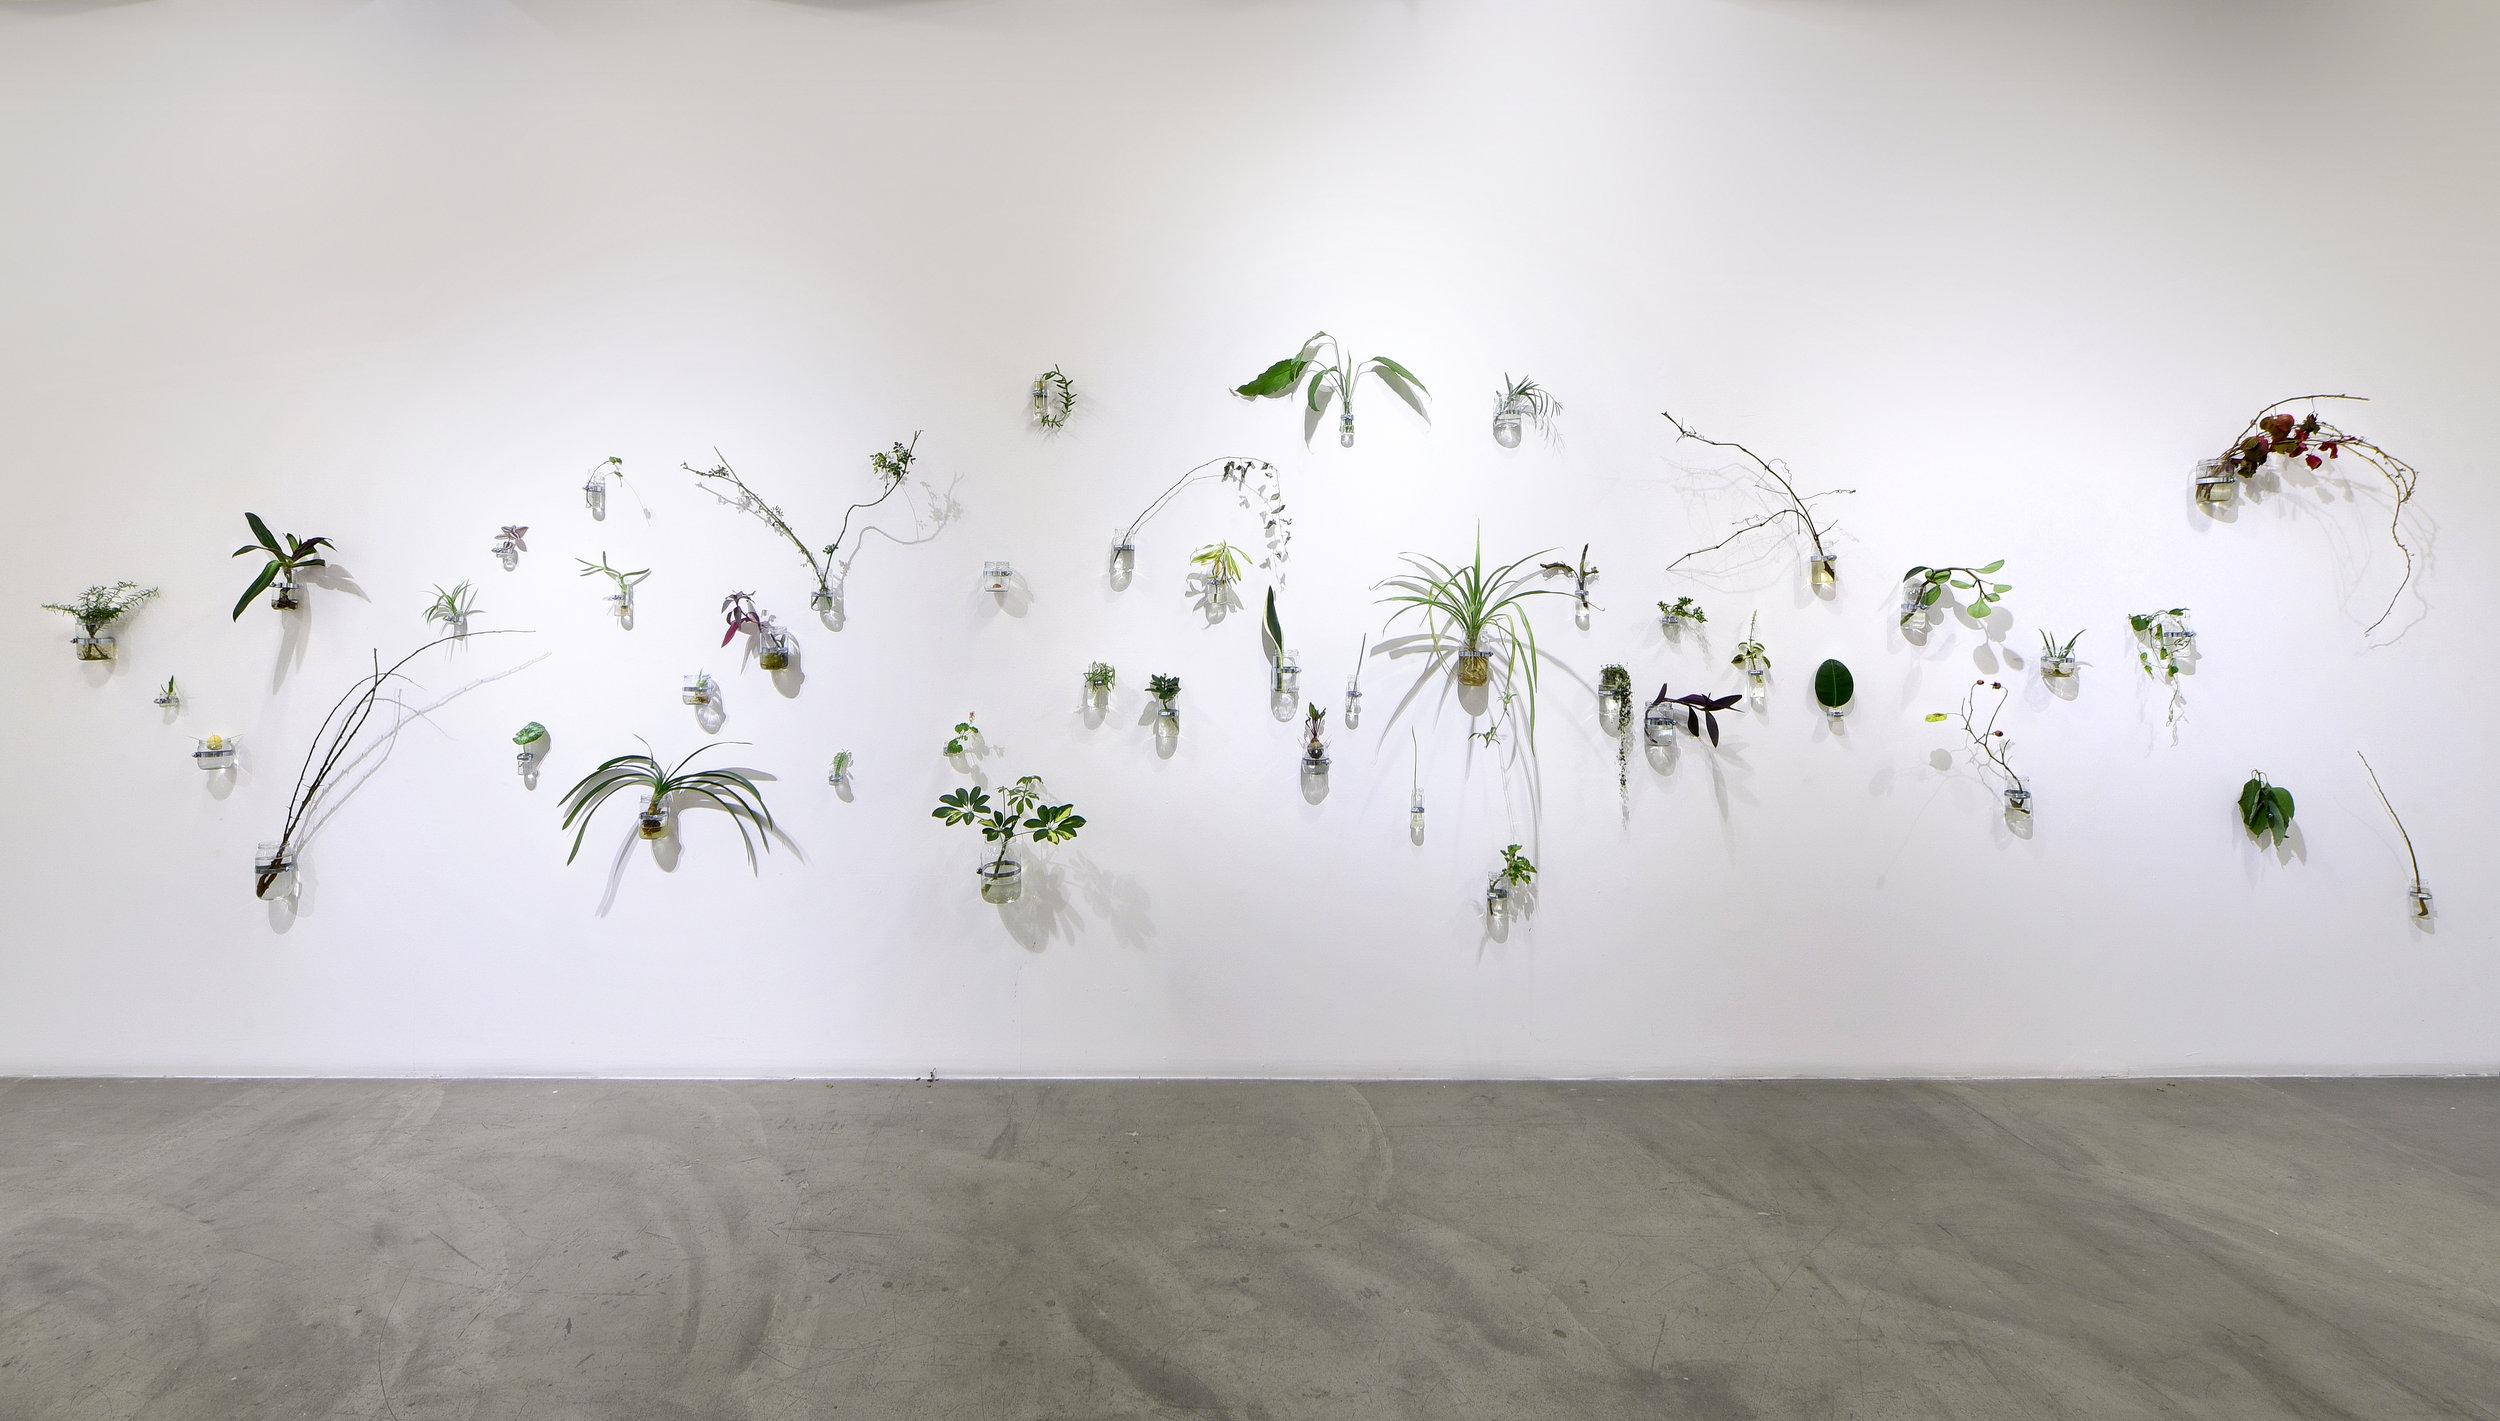 Sibel Horada, An Internal Garden. Courtesy the artist and Depo Istanbul. Photograph: Yusuf Coşkun